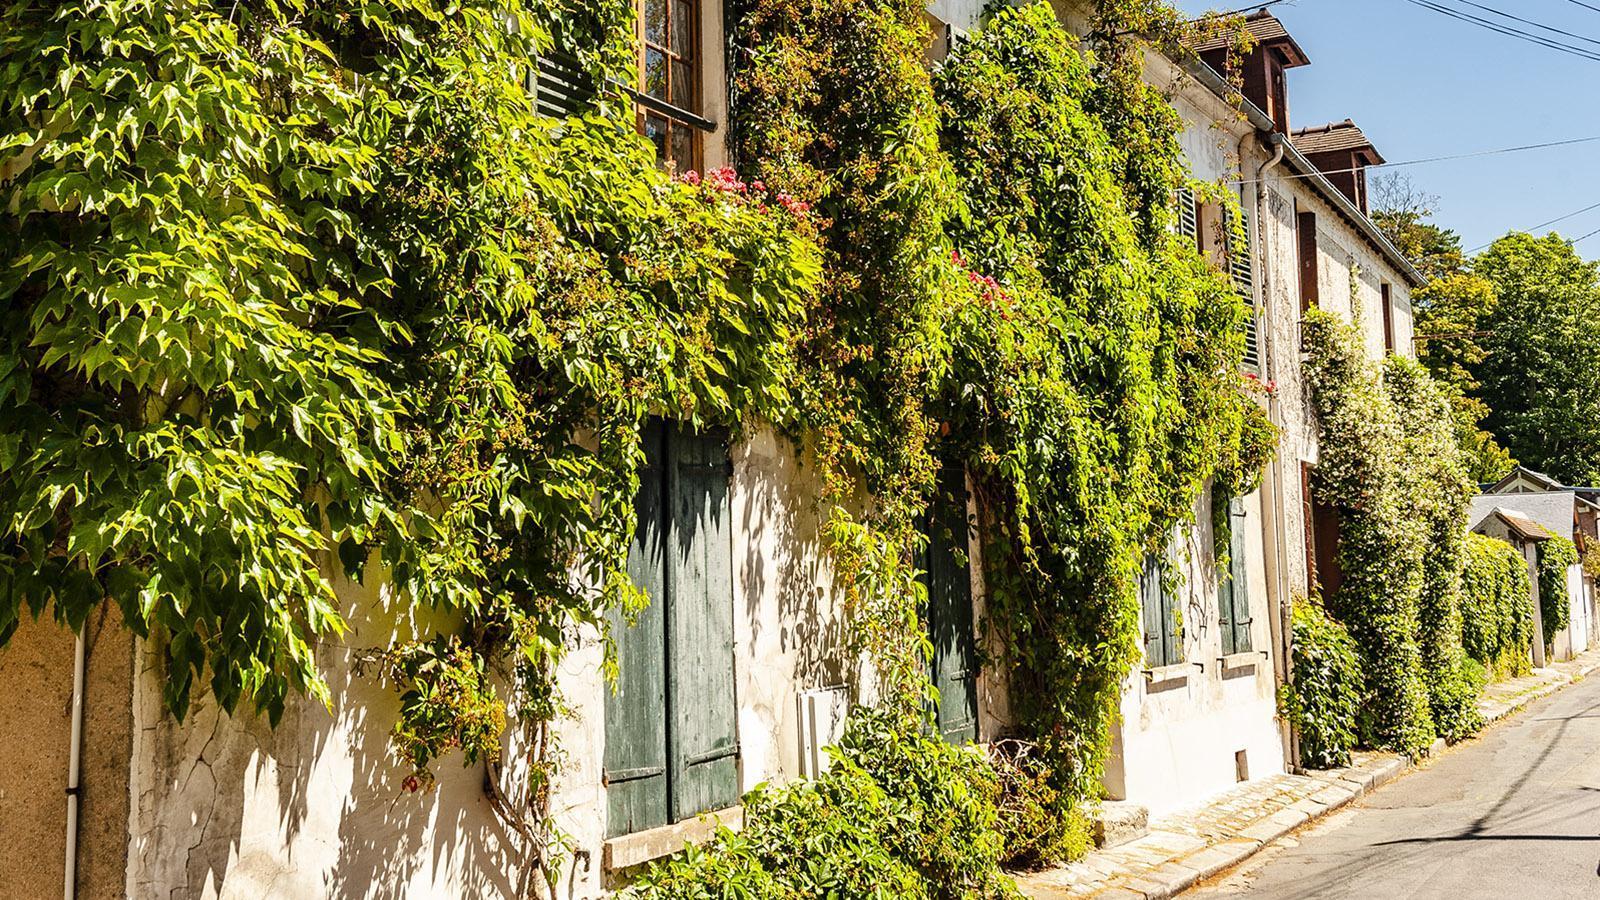 La Roche-Guyon: efeubegrünt - eine Gasse im Hezen des kleinen Ortes. Foto: Hilke Maunder